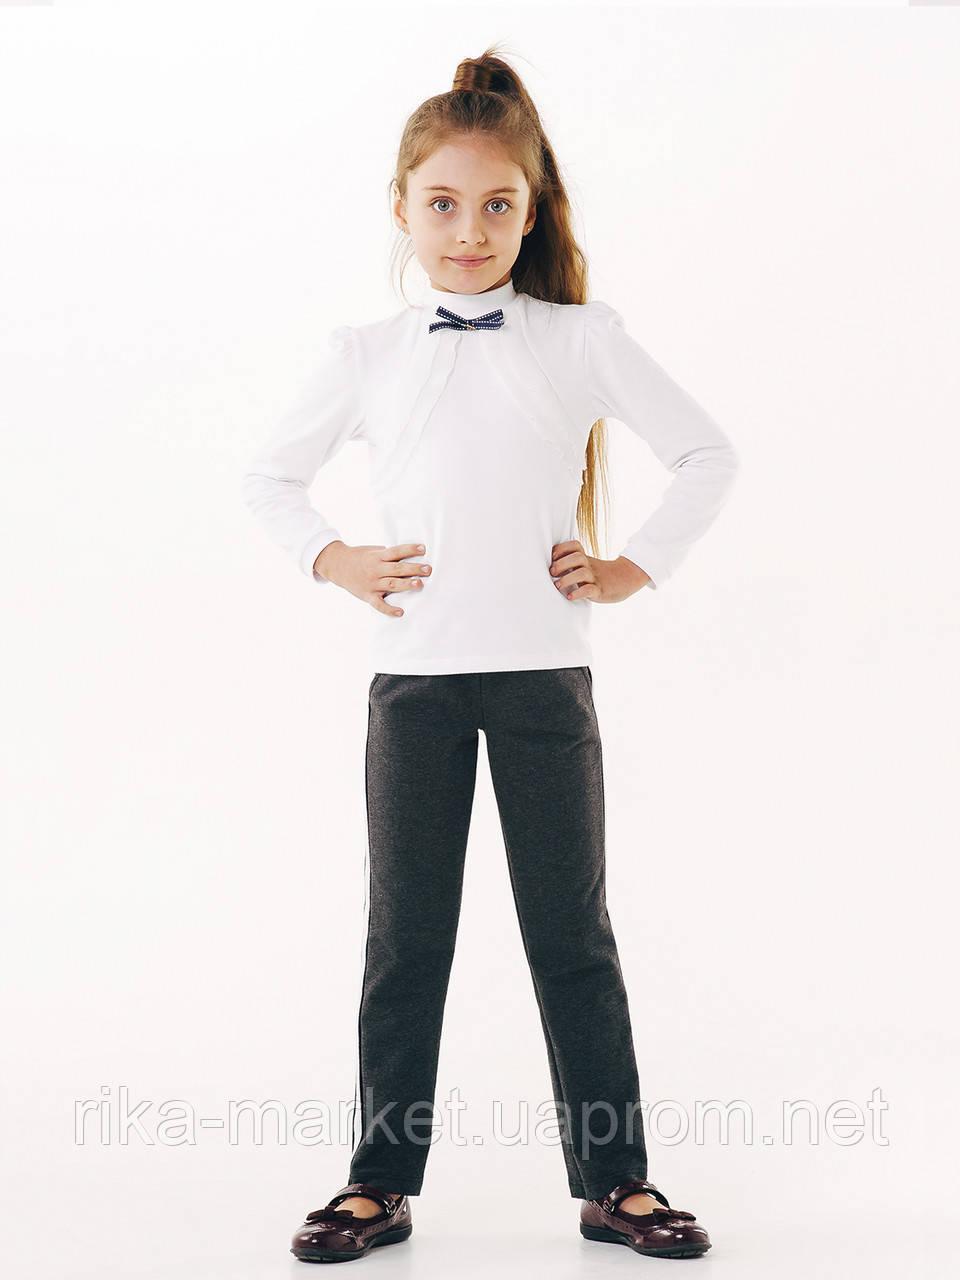 Школьные брюки для девочки, ТМ Смил, 115350, возраст 7 - 10 лет